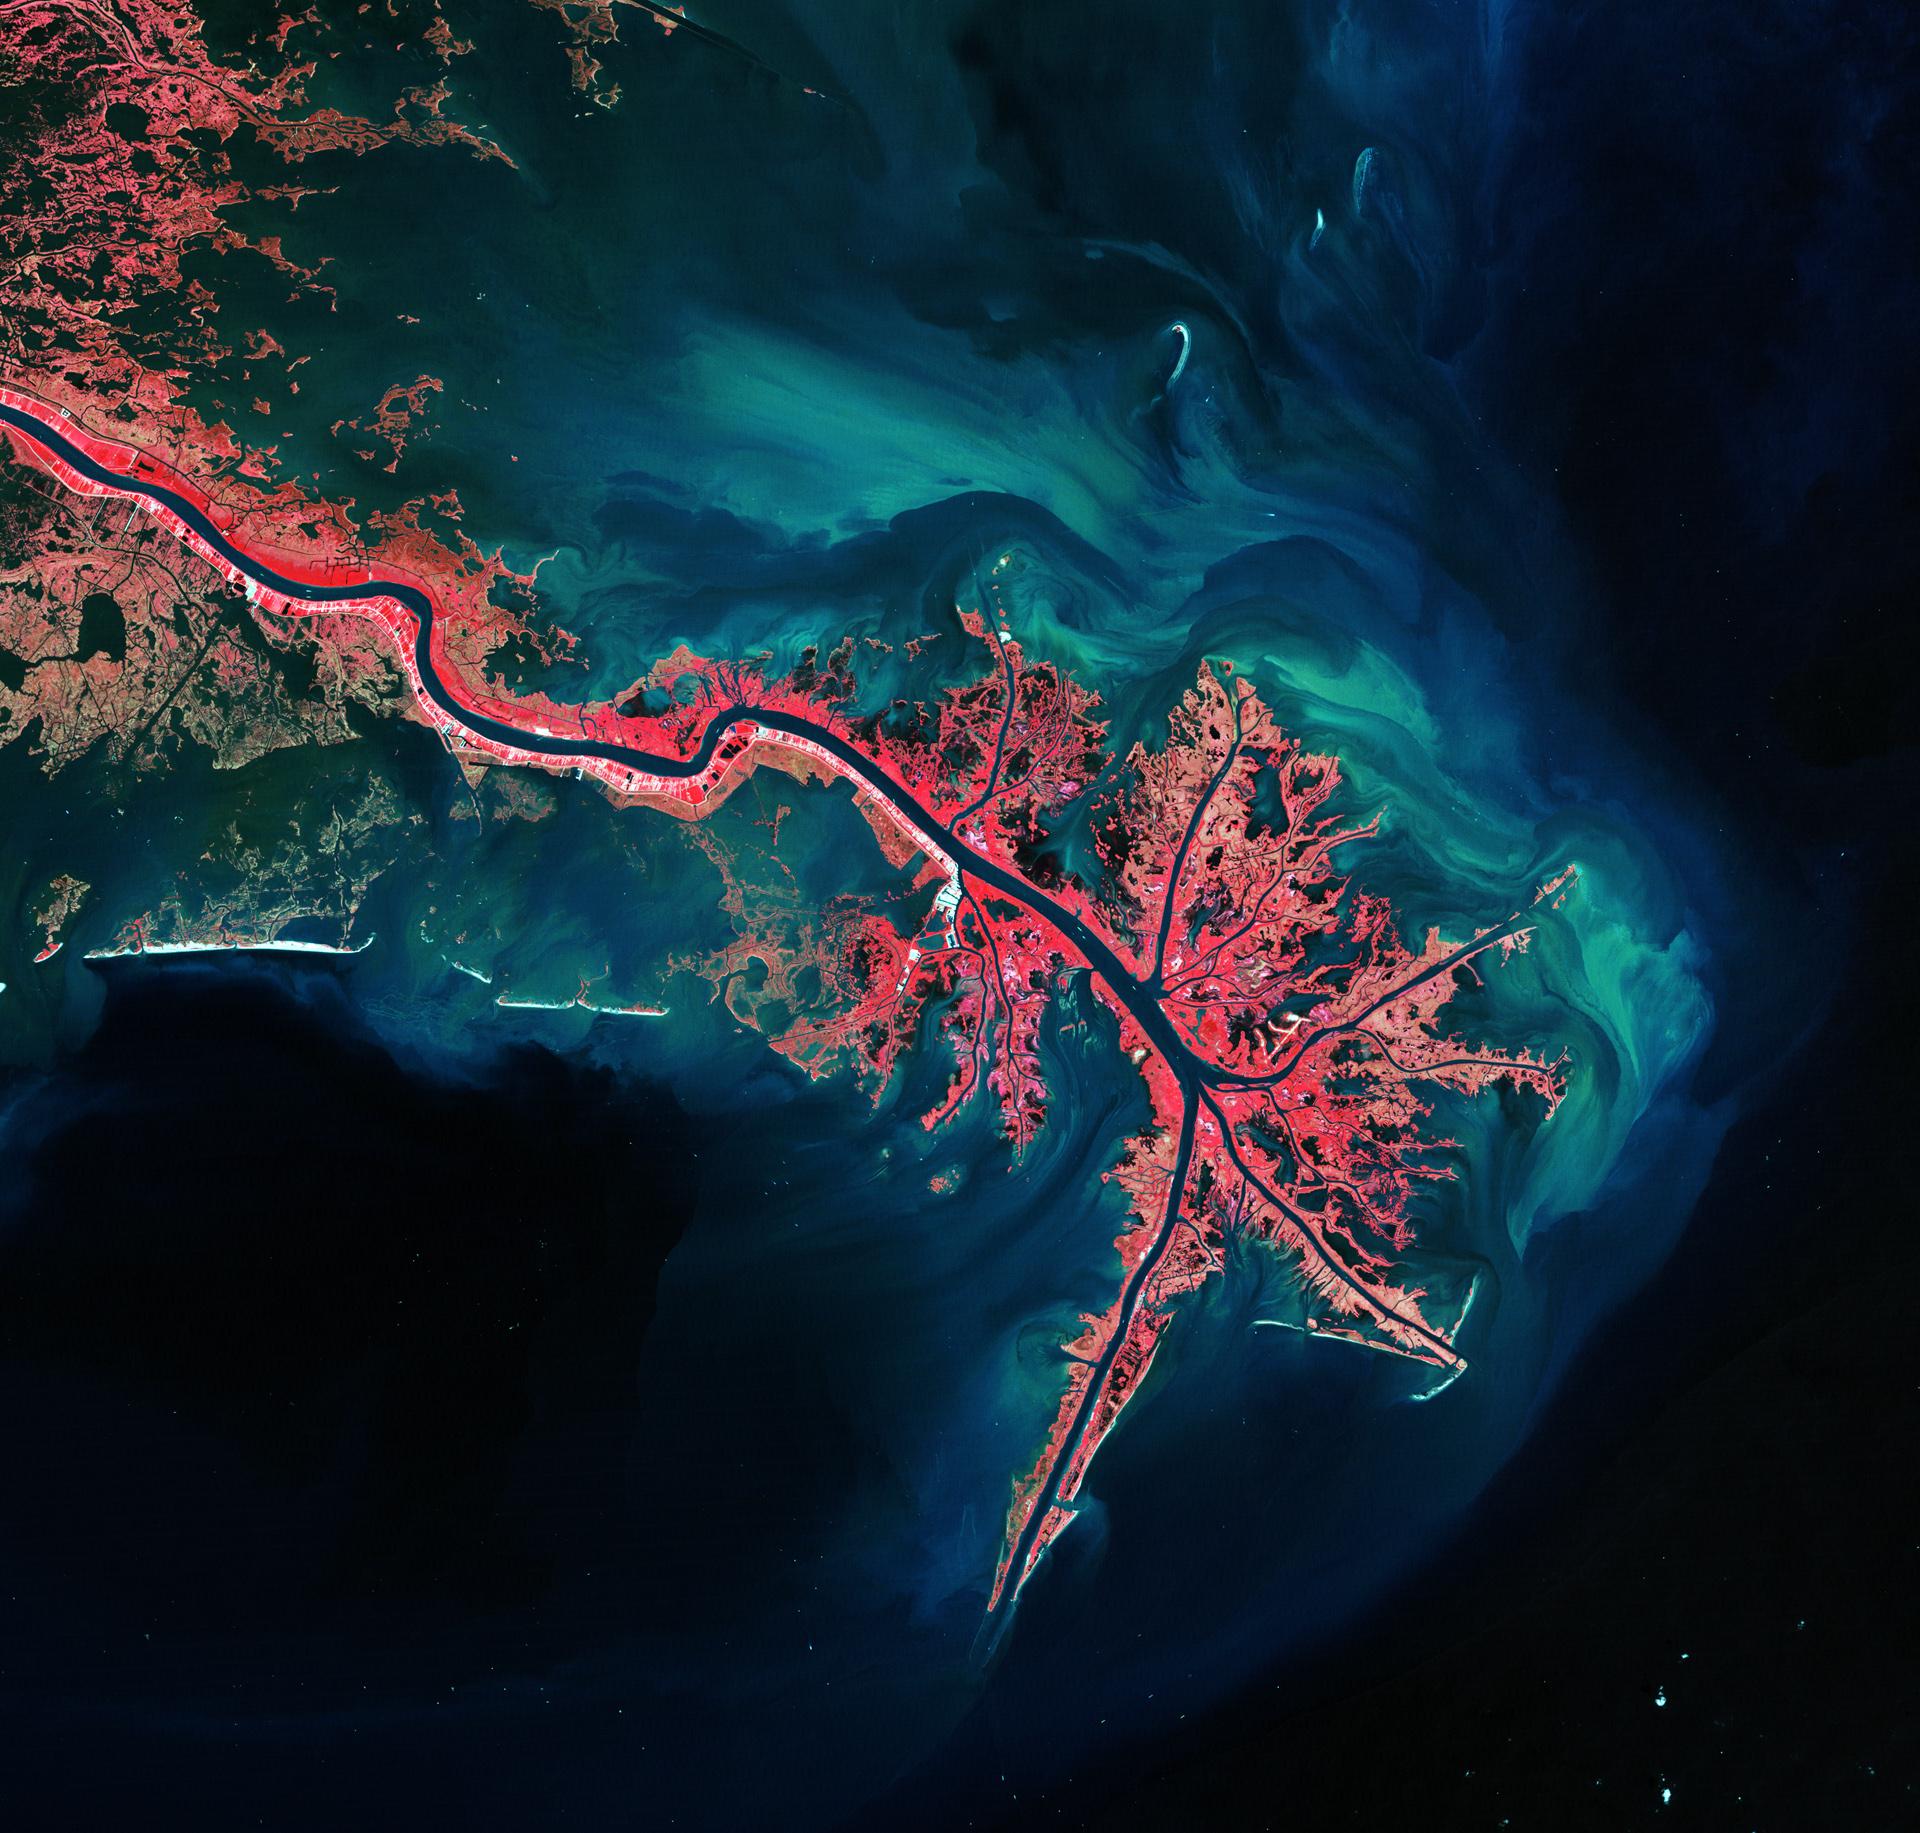 Mississippi River Delta-Image Copyright USGS/ESA